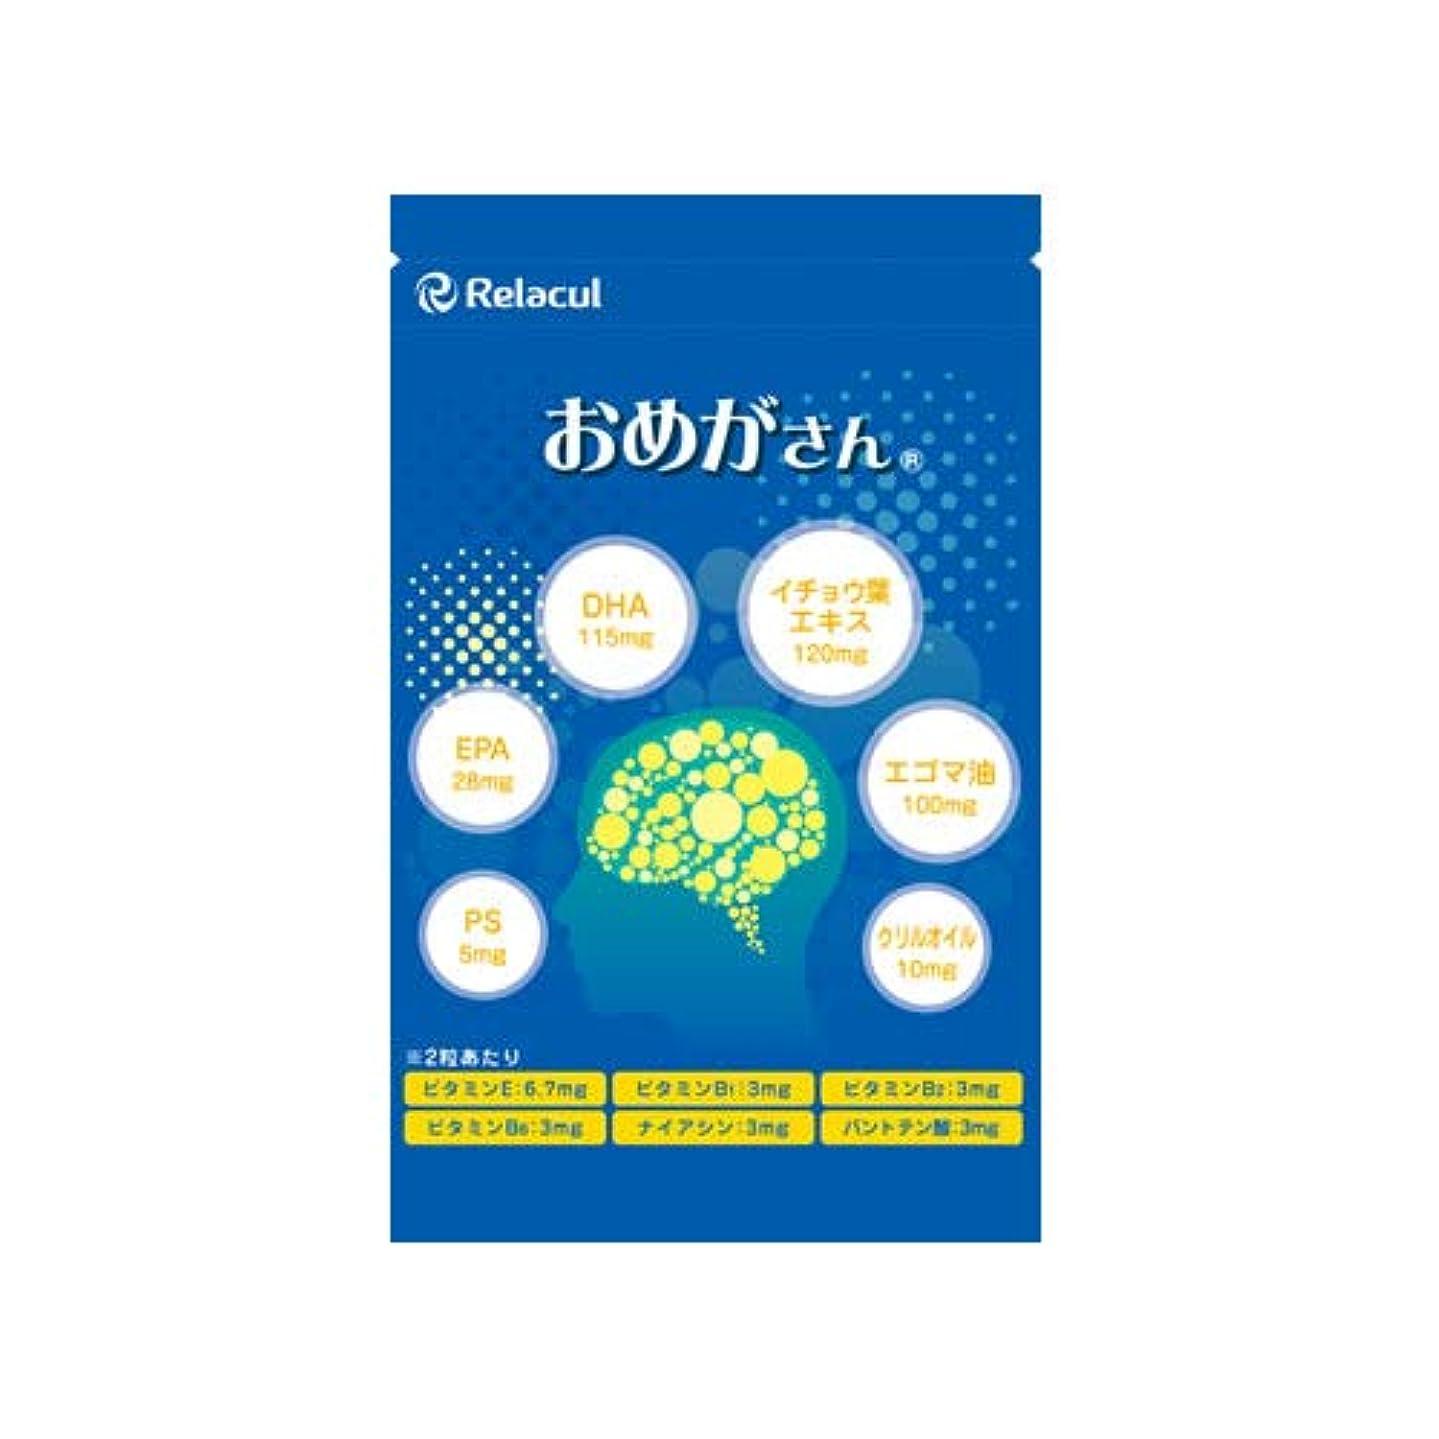 インフレーション処理振り返るオメガ3脂肪酸 DHA EPA サプリ ( 日本製 ) うっかり 対策 サプリメント [偏った食生活に] フィッシュオイル イチョウ葉エキス エゴマ油 クリルオイル [ おめがさん 1袋 ] 60粒入 (約1か月分)